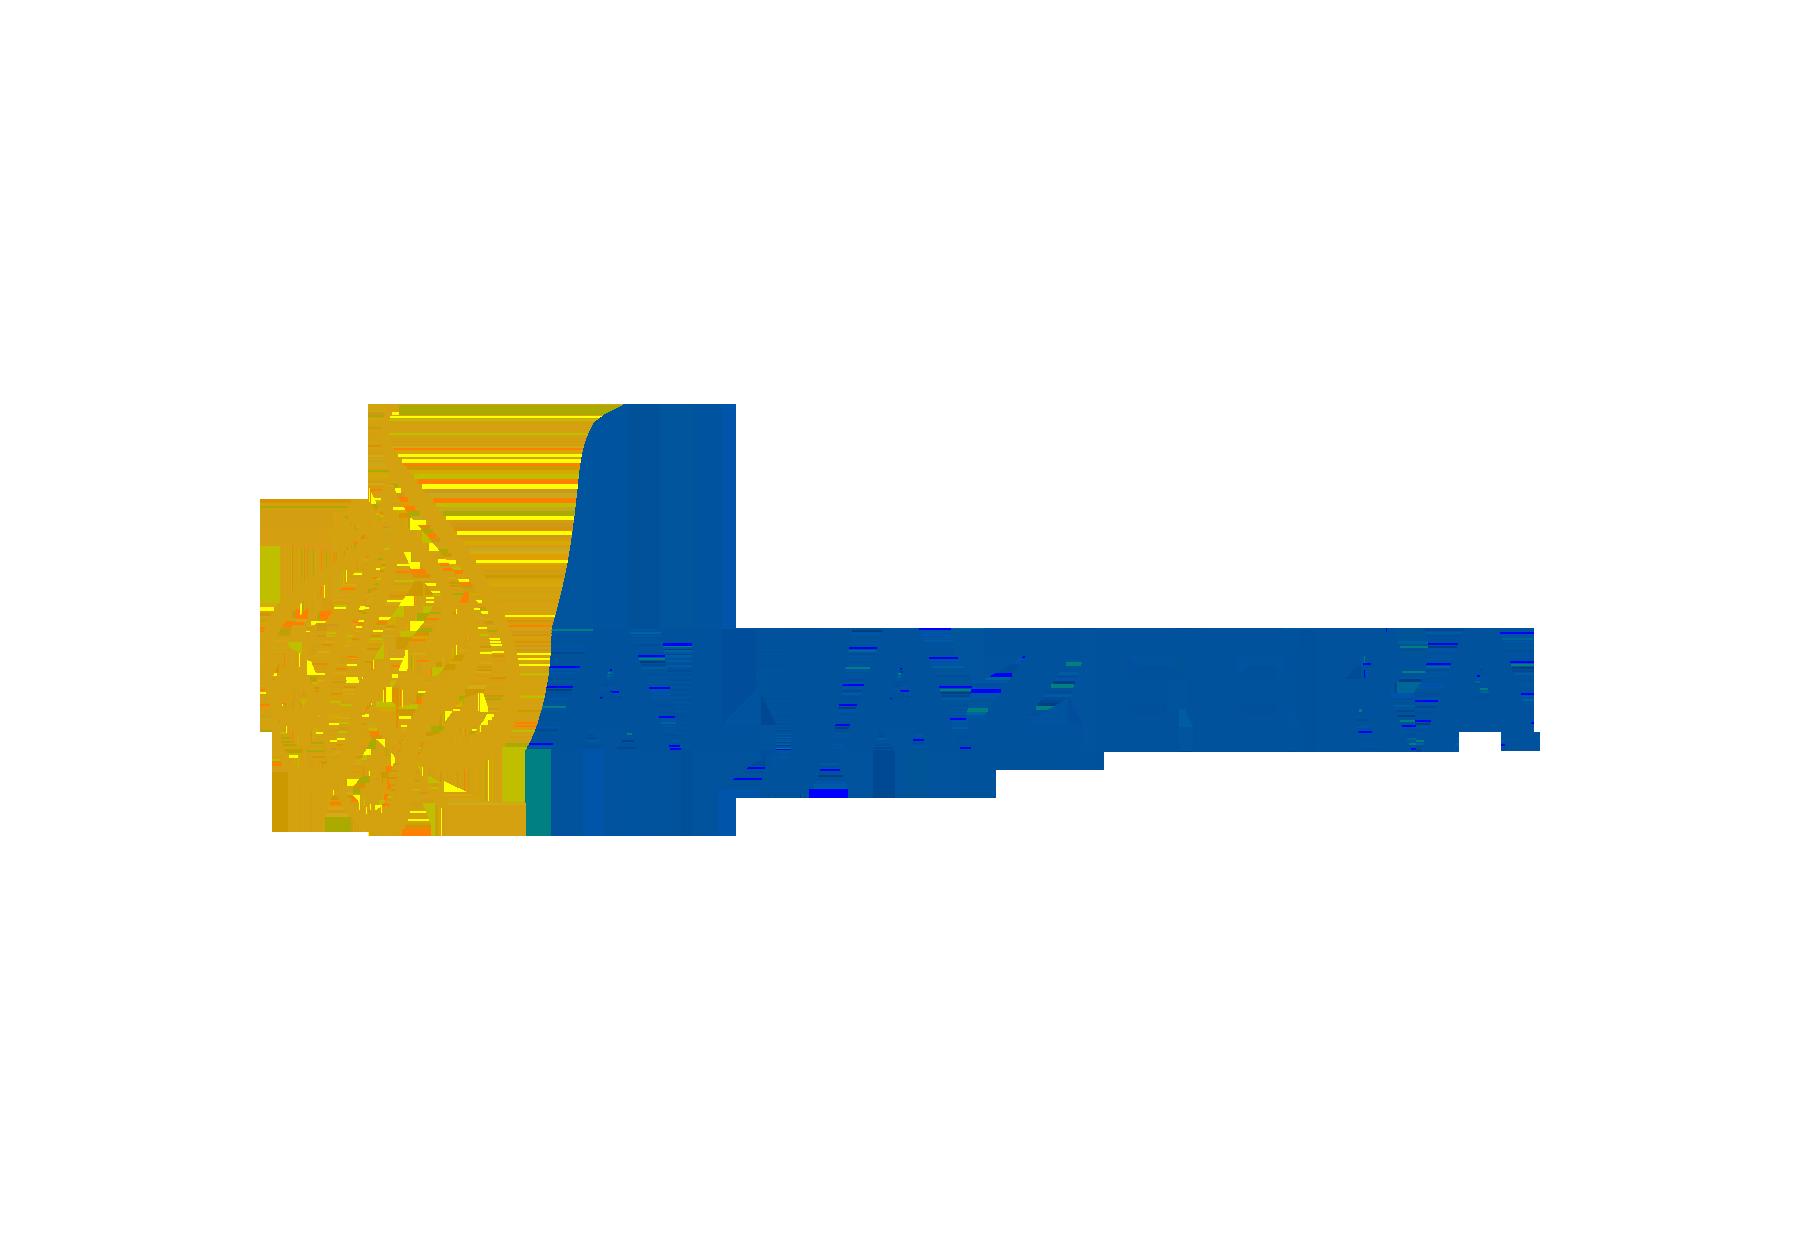 Aljazeera_logo_01.png - Al Ja